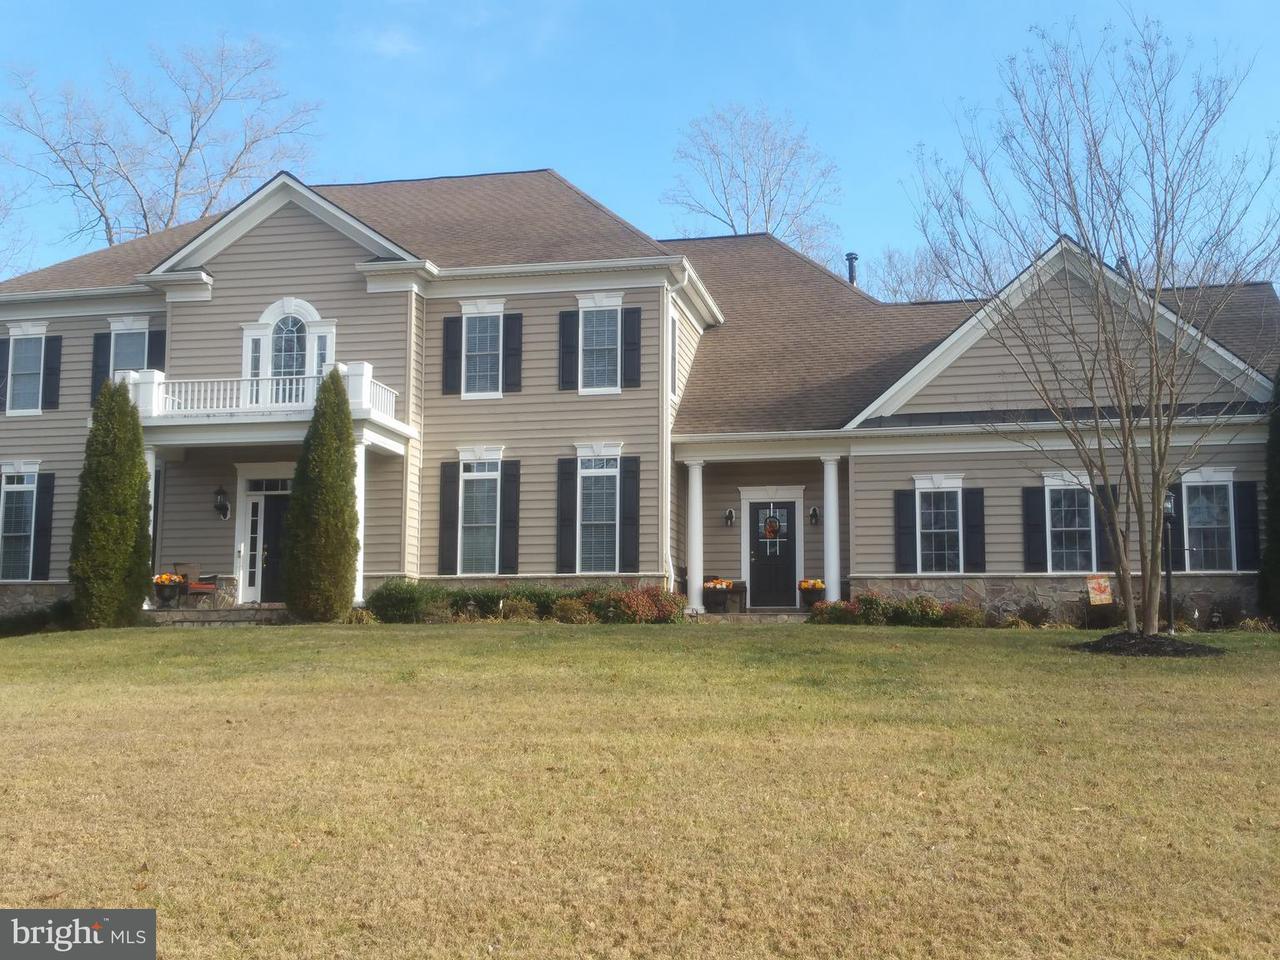 Casa Unifamiliar por un Venta en 18 BERGAMOT Drive 18 BERGAMOT Drive Stafford, Virginia 22556 Estados Unidos